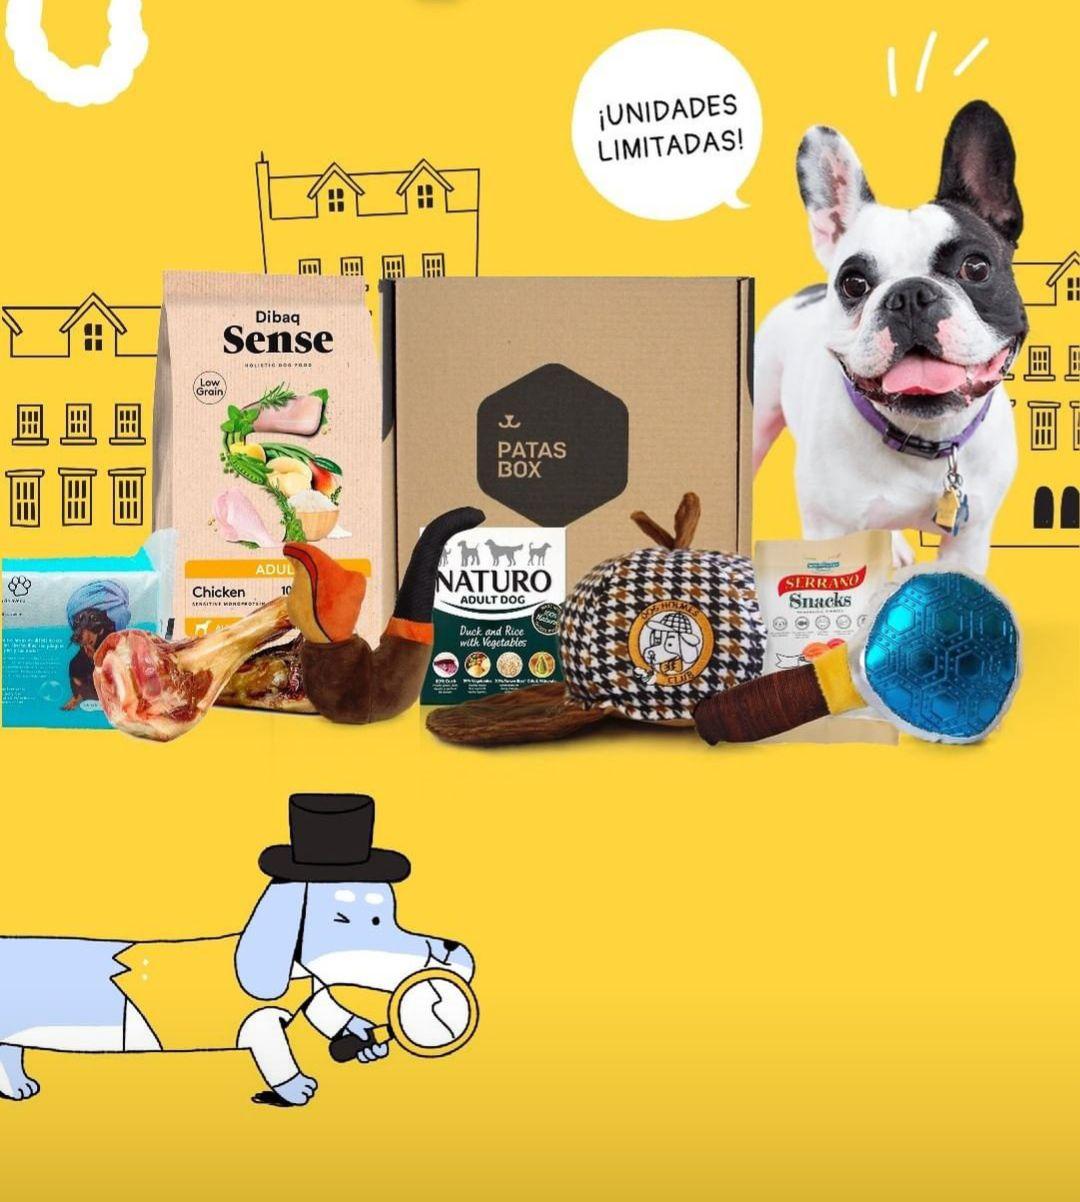 50% de descuento en PatasBox DOG HOLMES